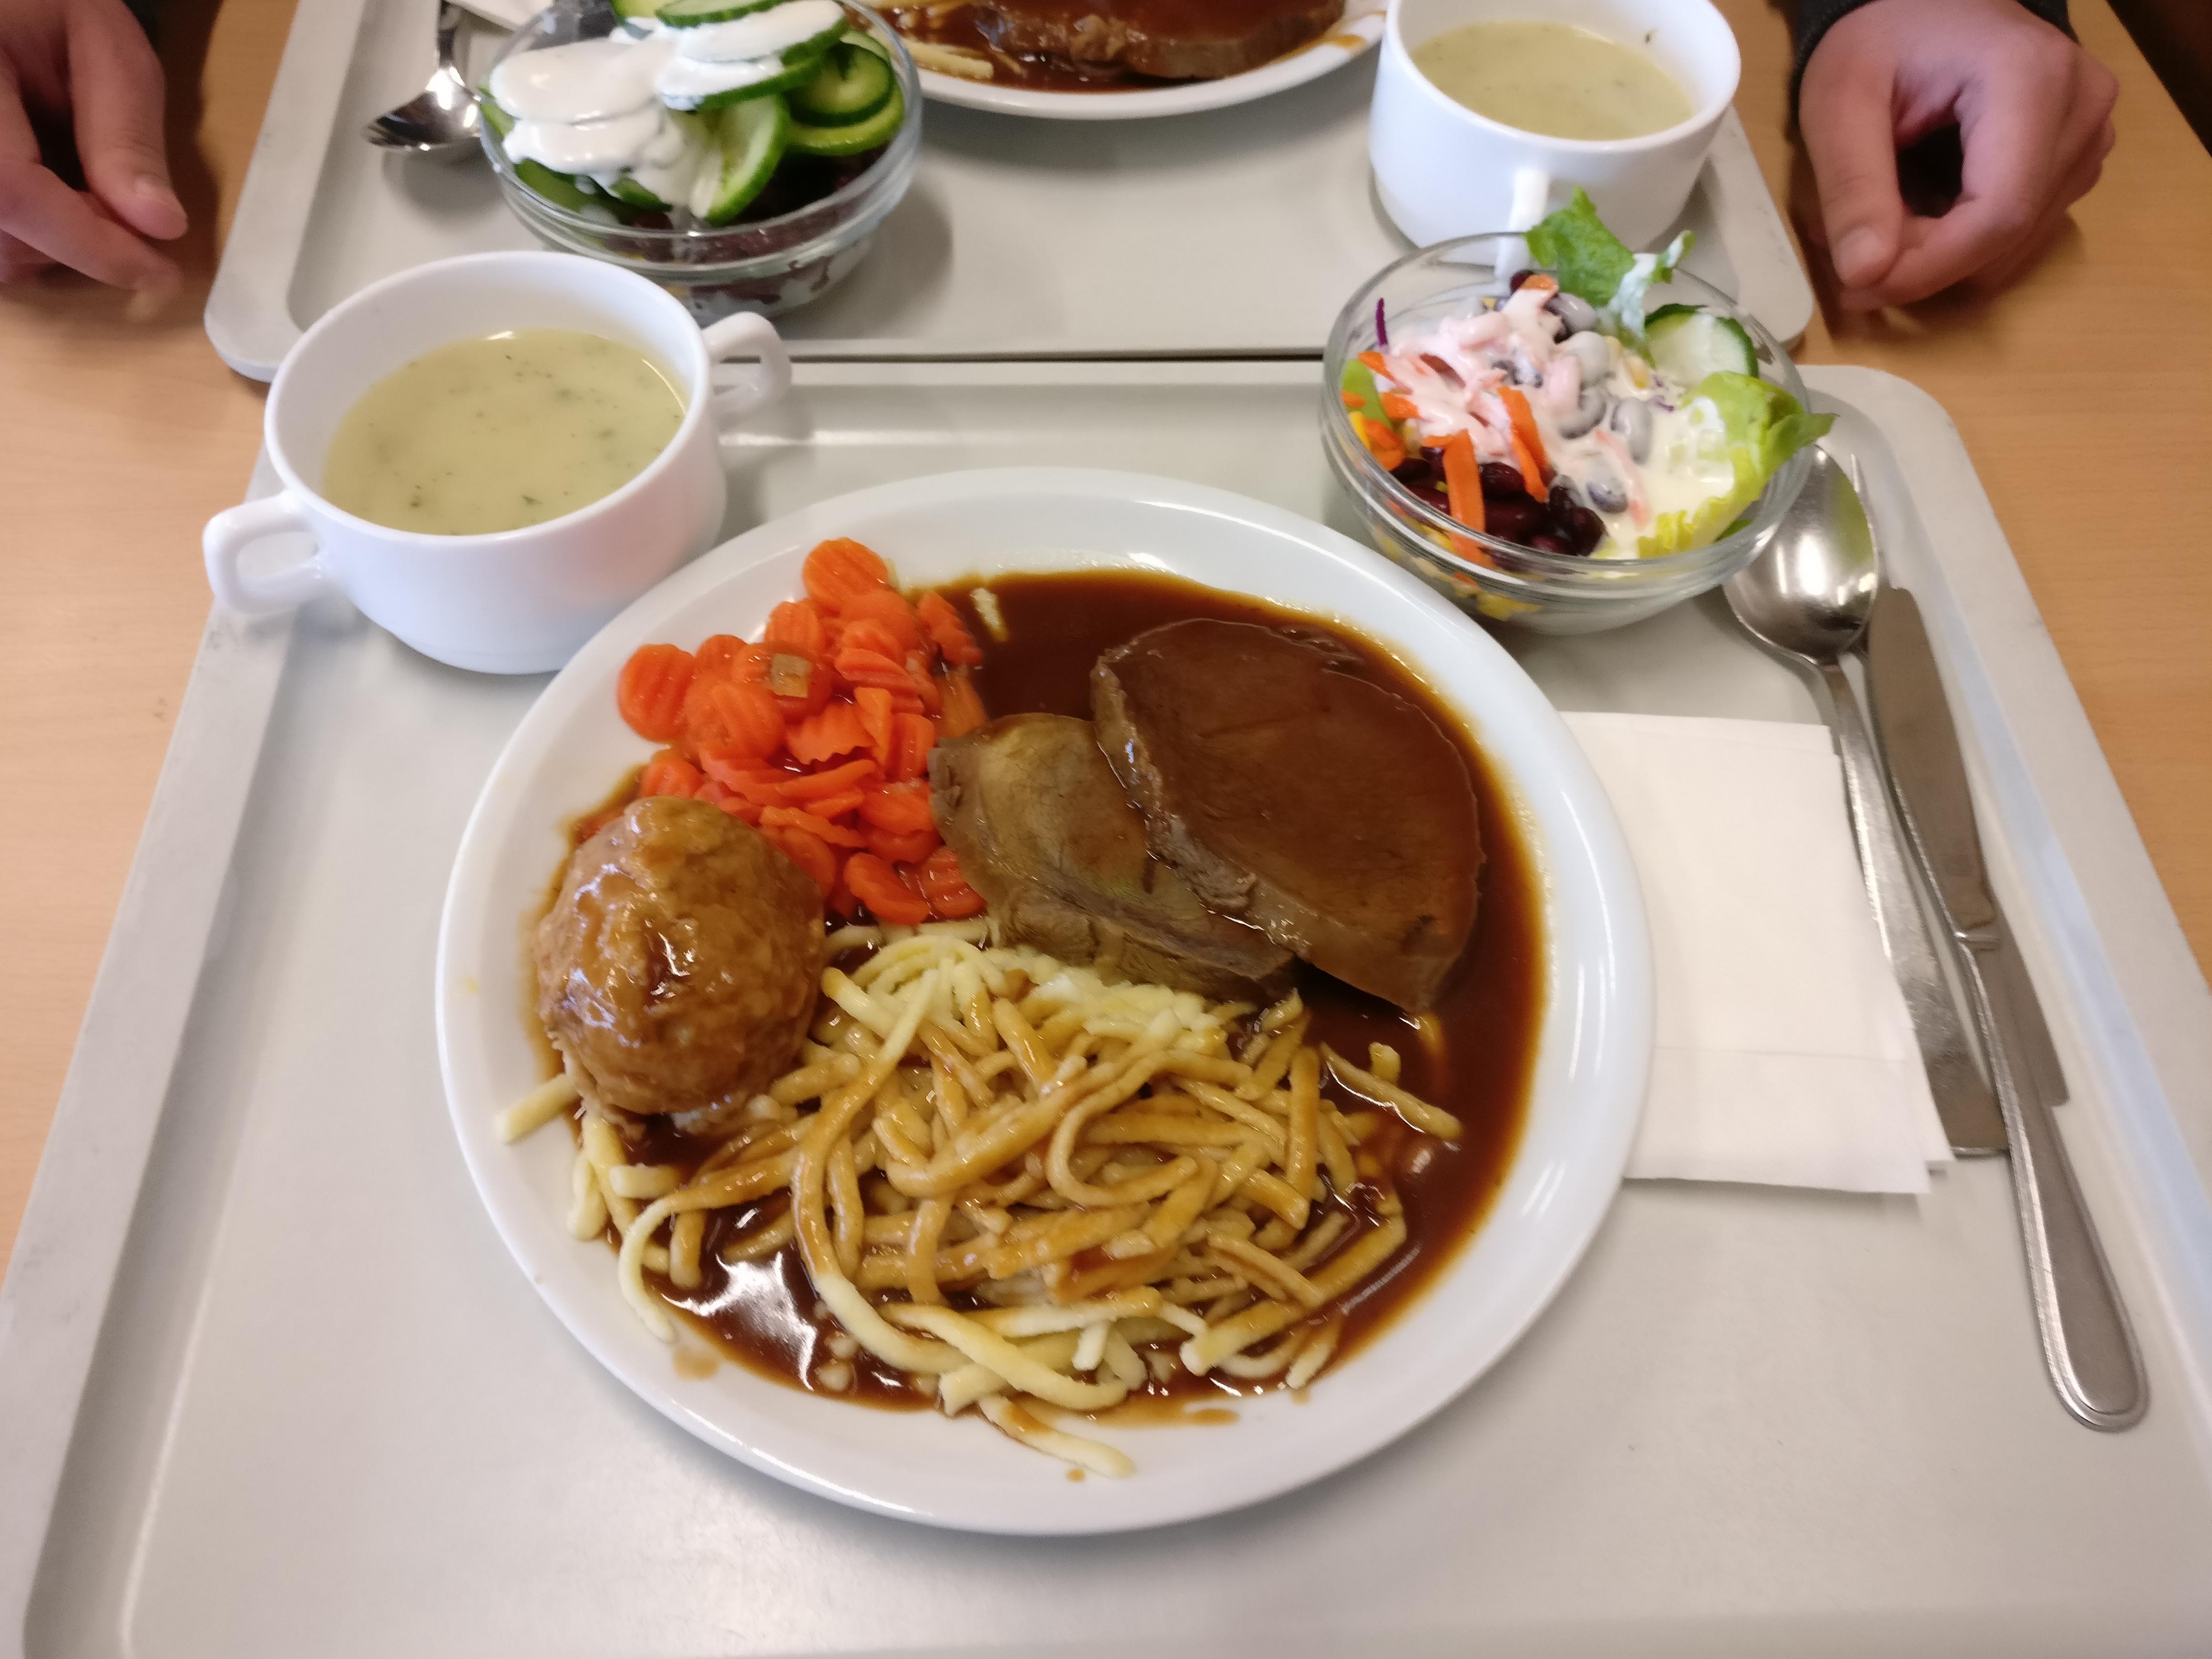 https://foodloader.net/nico_2017-01-25_sauerbraten-knoedel-spaetzle-gemuese-suppe-salat.jpg